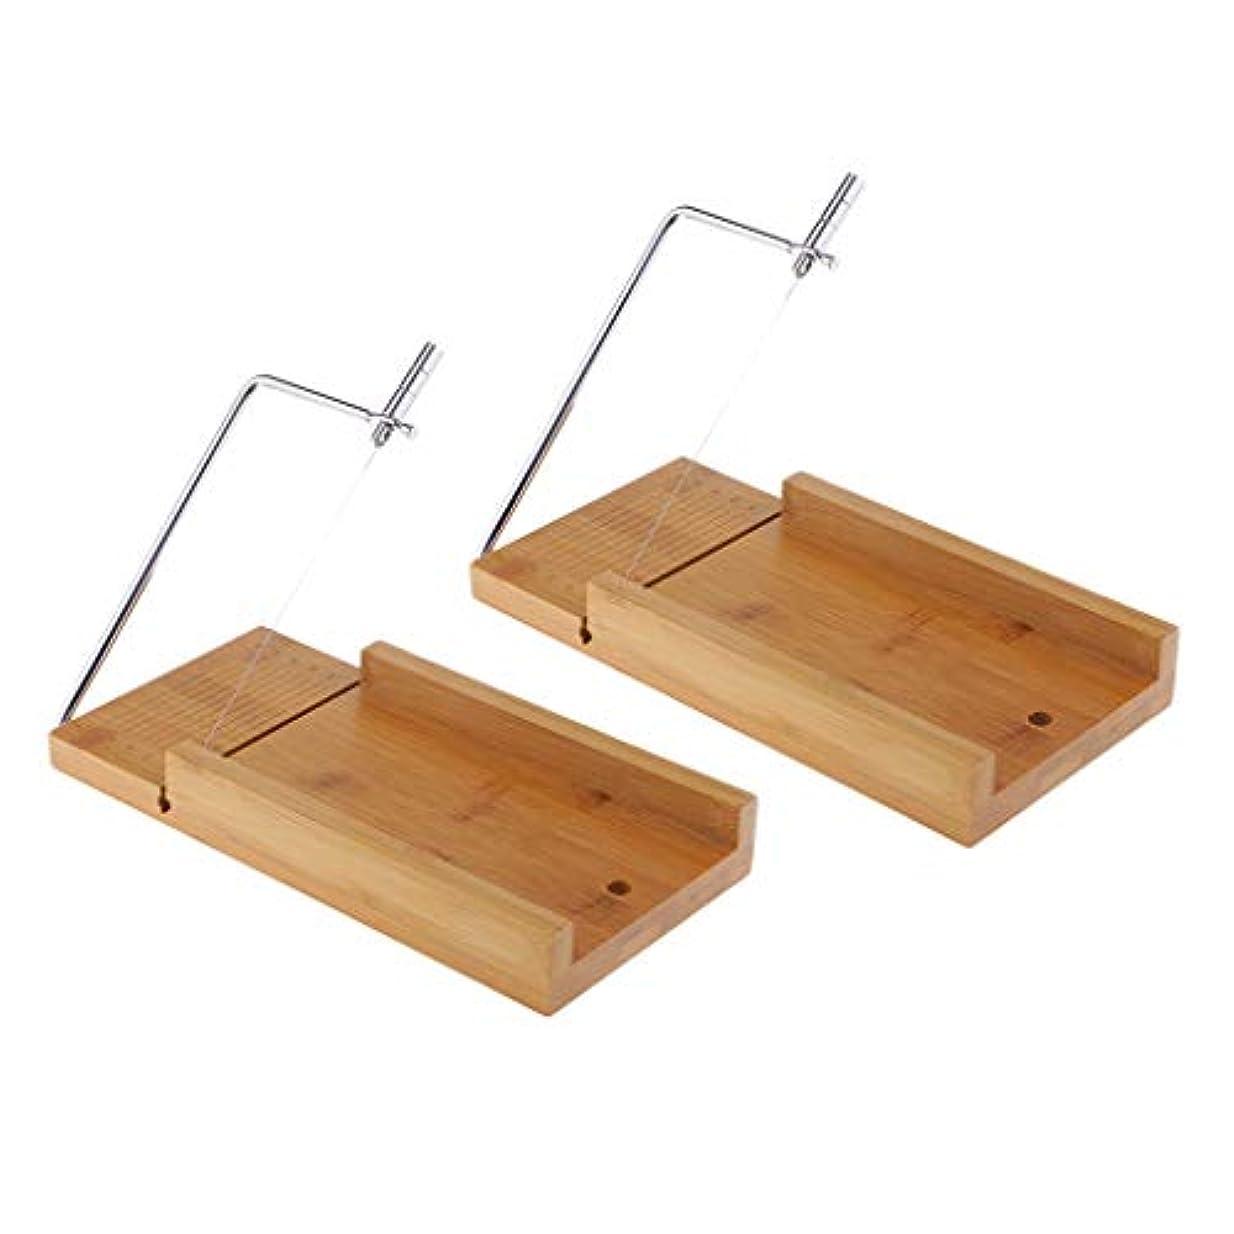 天窓乳白色磨かれたソープカッター チーズナイフ ワイヤー せっけんカッター 台 木質 石鹸切削工具 2個入り